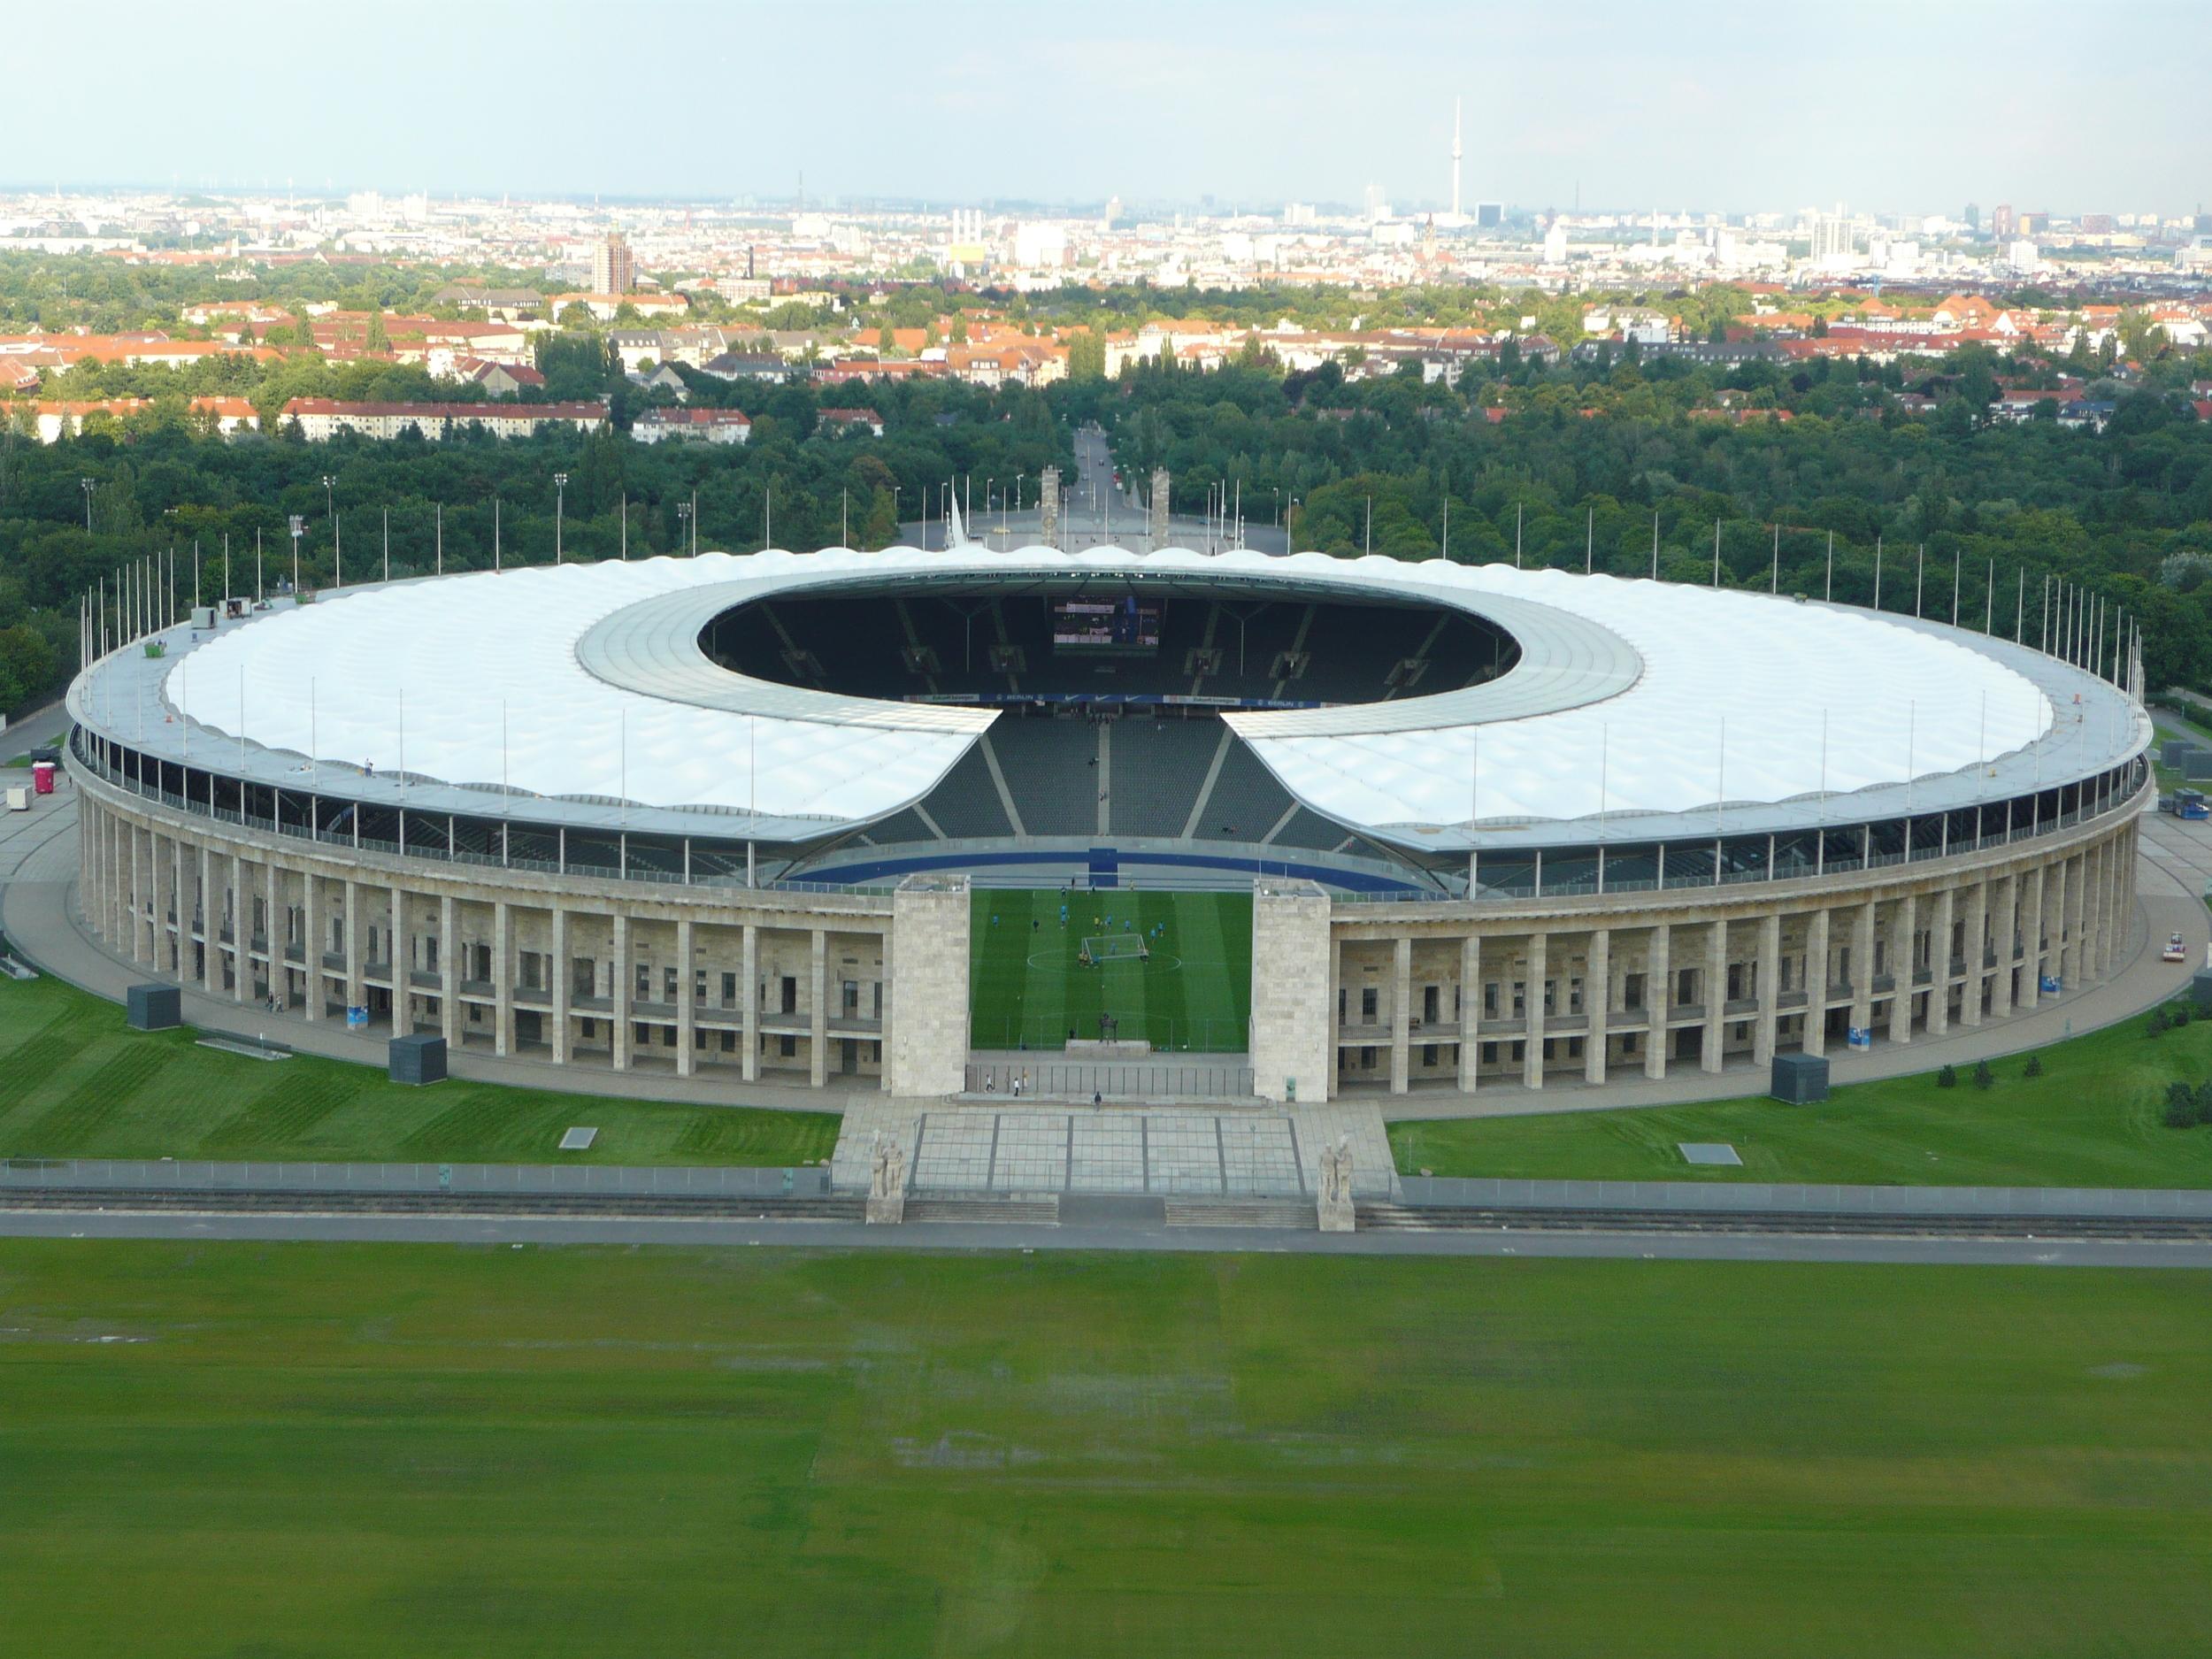 Stade_Olympique_Berlin_Ext.JPG